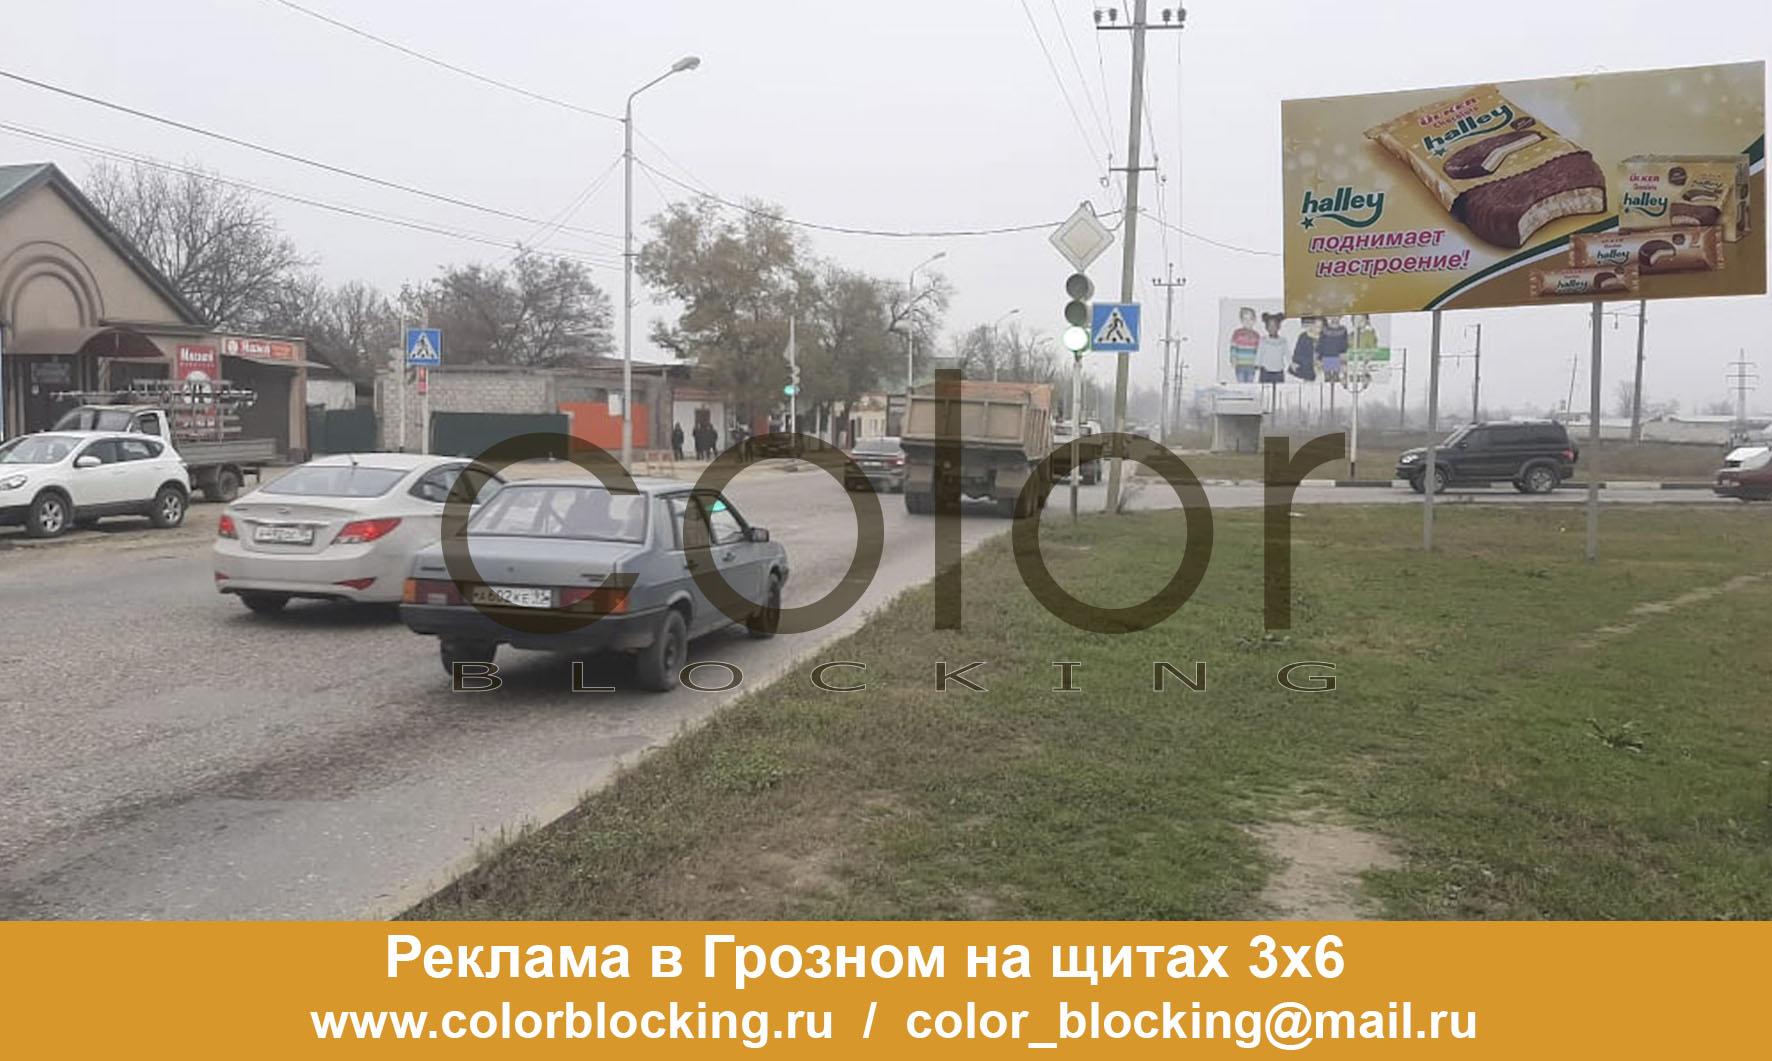 Реклама в Грозном на щитах 3х6 Индустриальная